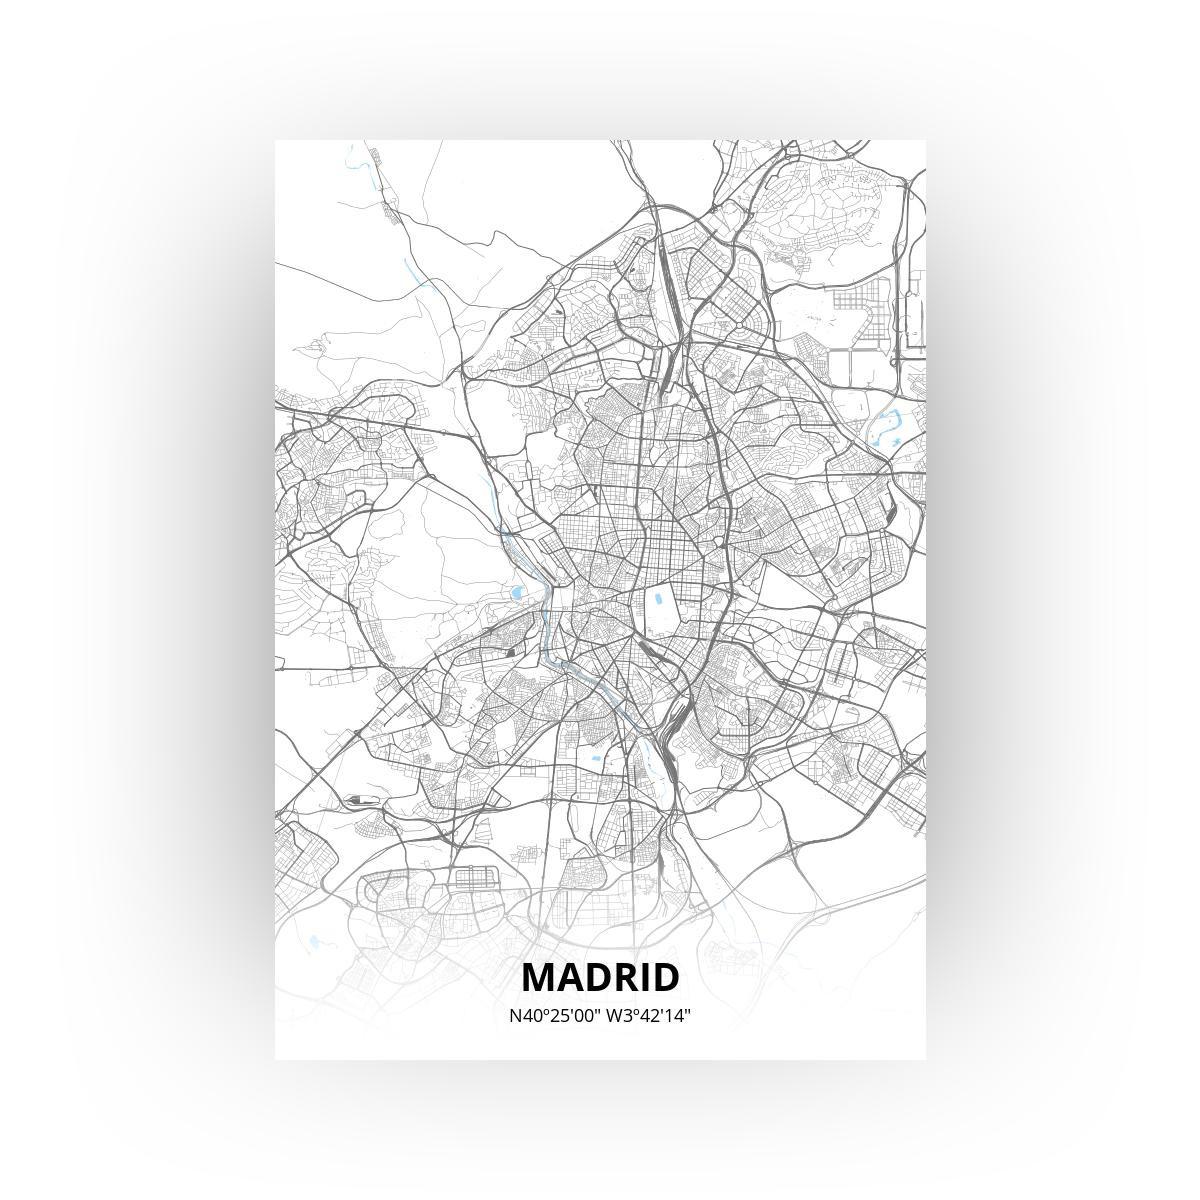 Madrid poster - Zelf aan te passen!